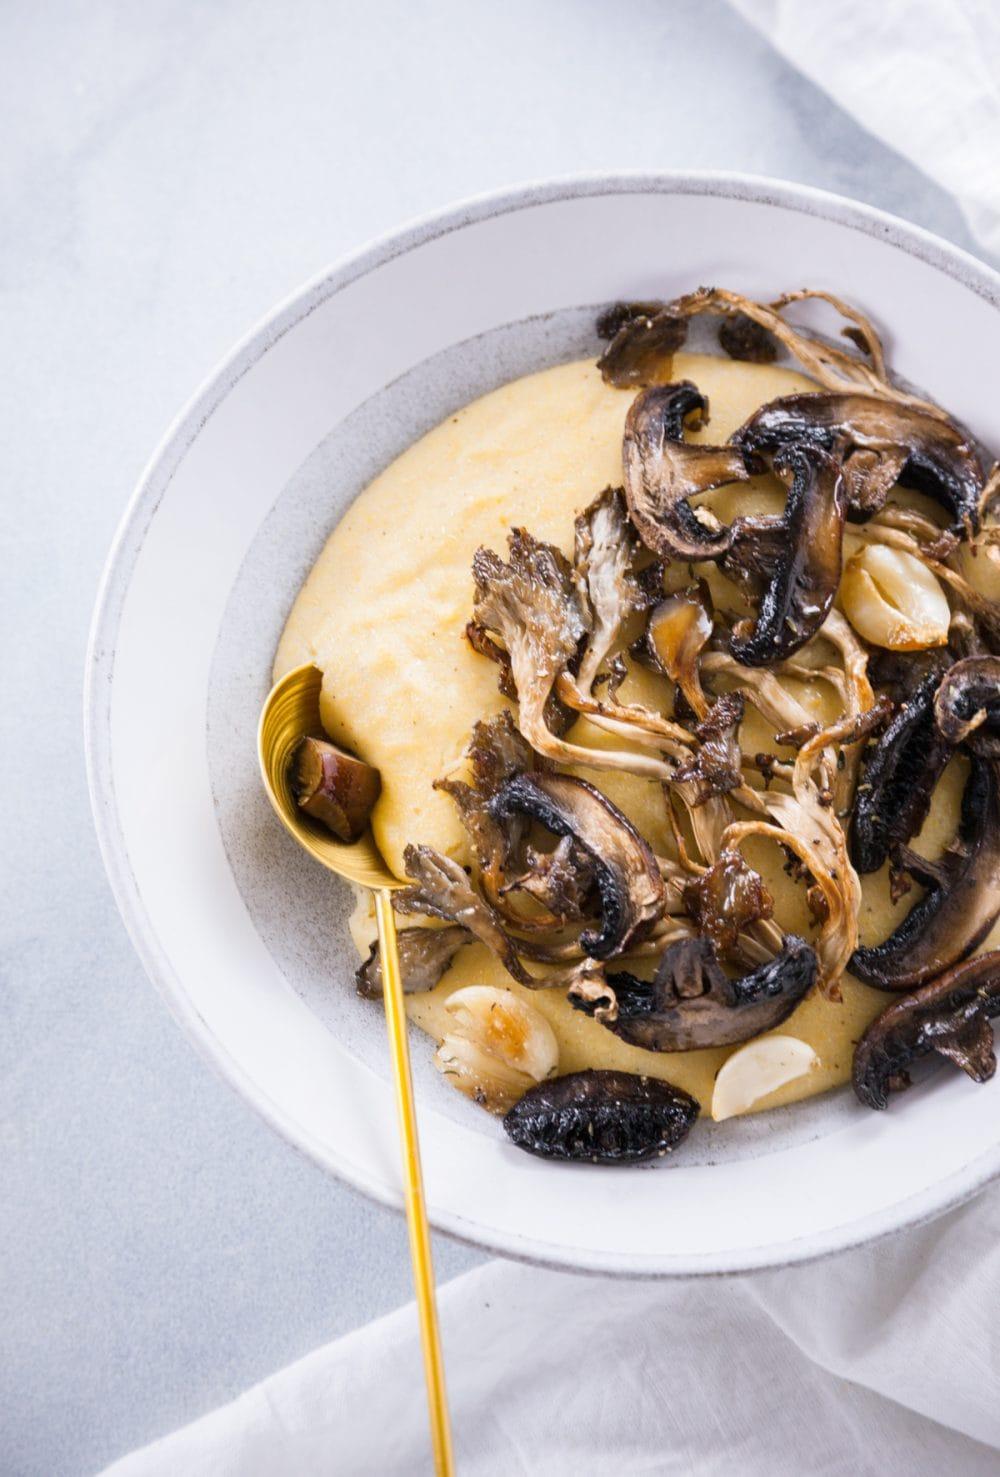 Roasted Mushrooms and Creamy Polenta